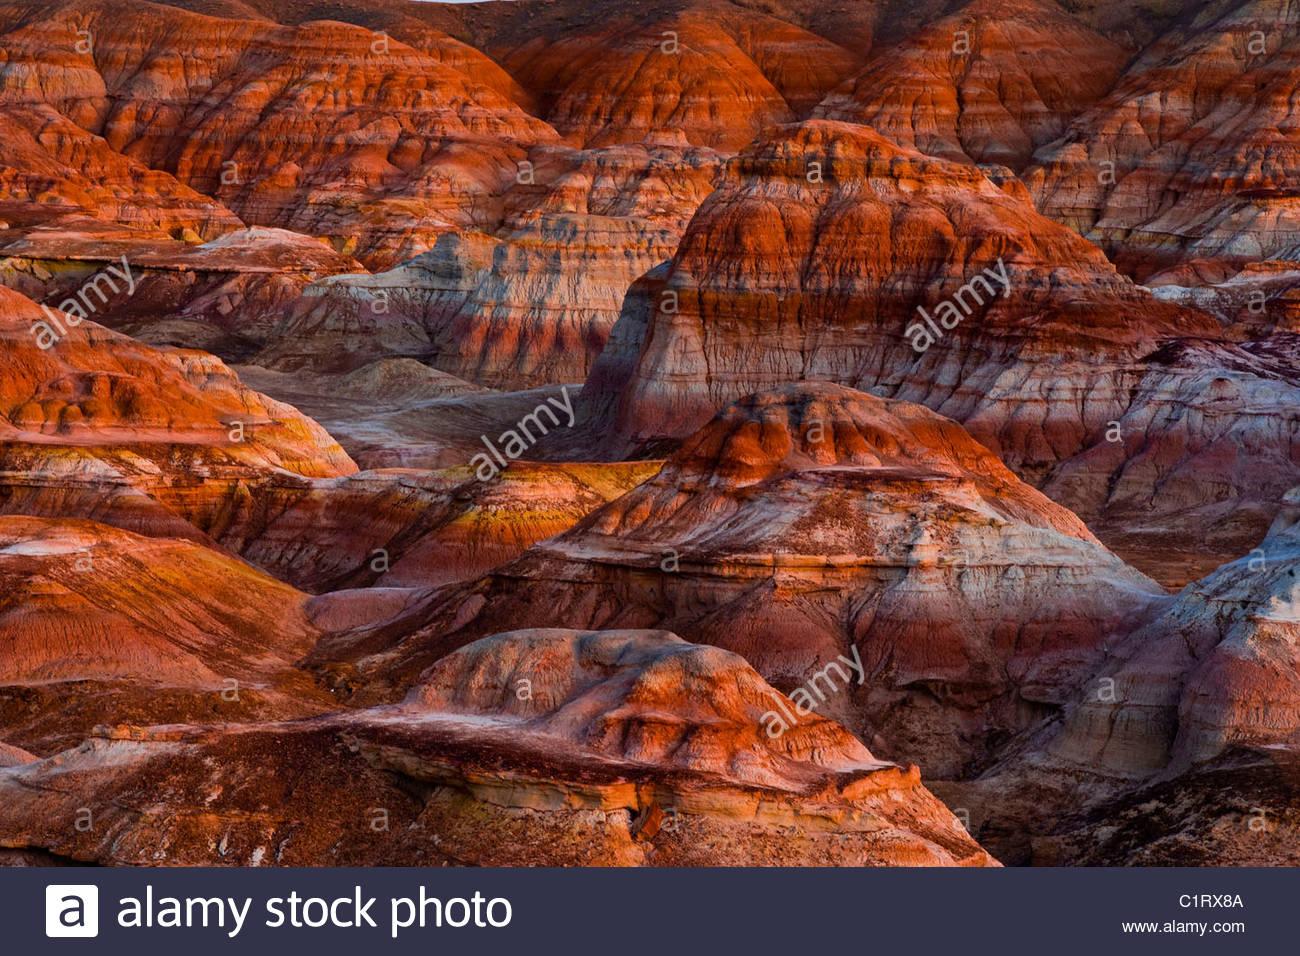 Wucaiwan Colorful Rock City, Gobi Desert, Xinjiang, China - Stock Image